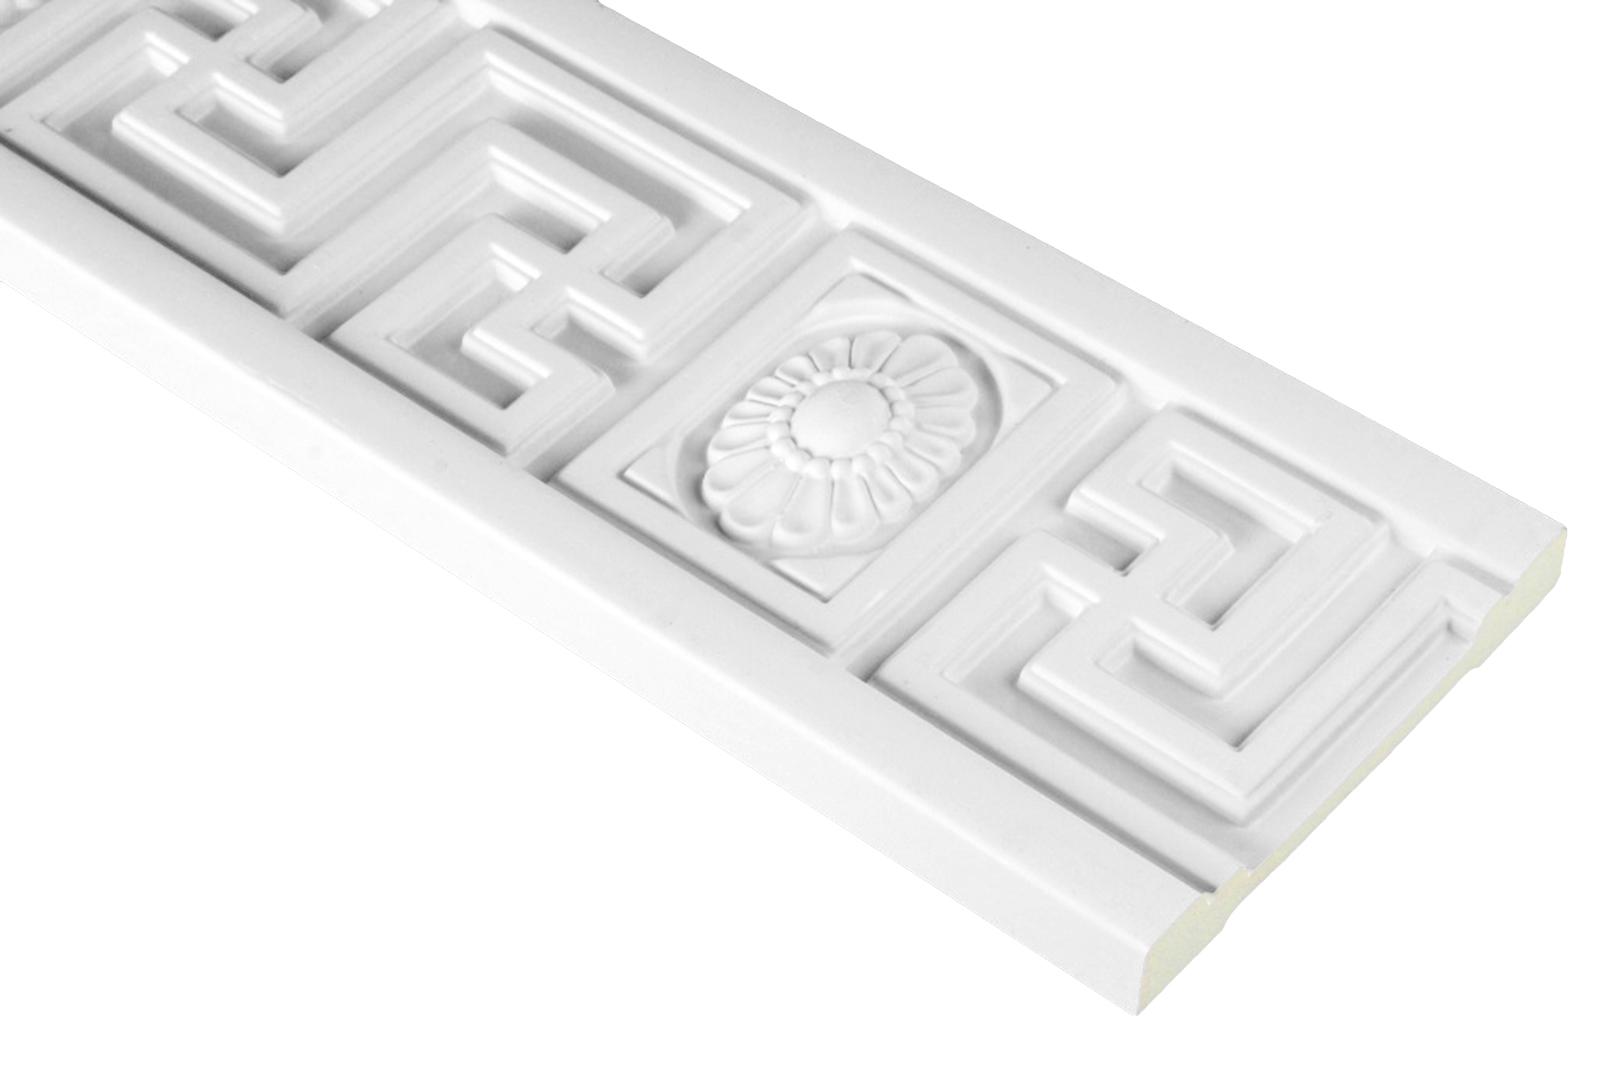 2 Meter | PU Flachleiste Profil Innen Dekor stoßfest | Hexim | 110x20mm | FH9416